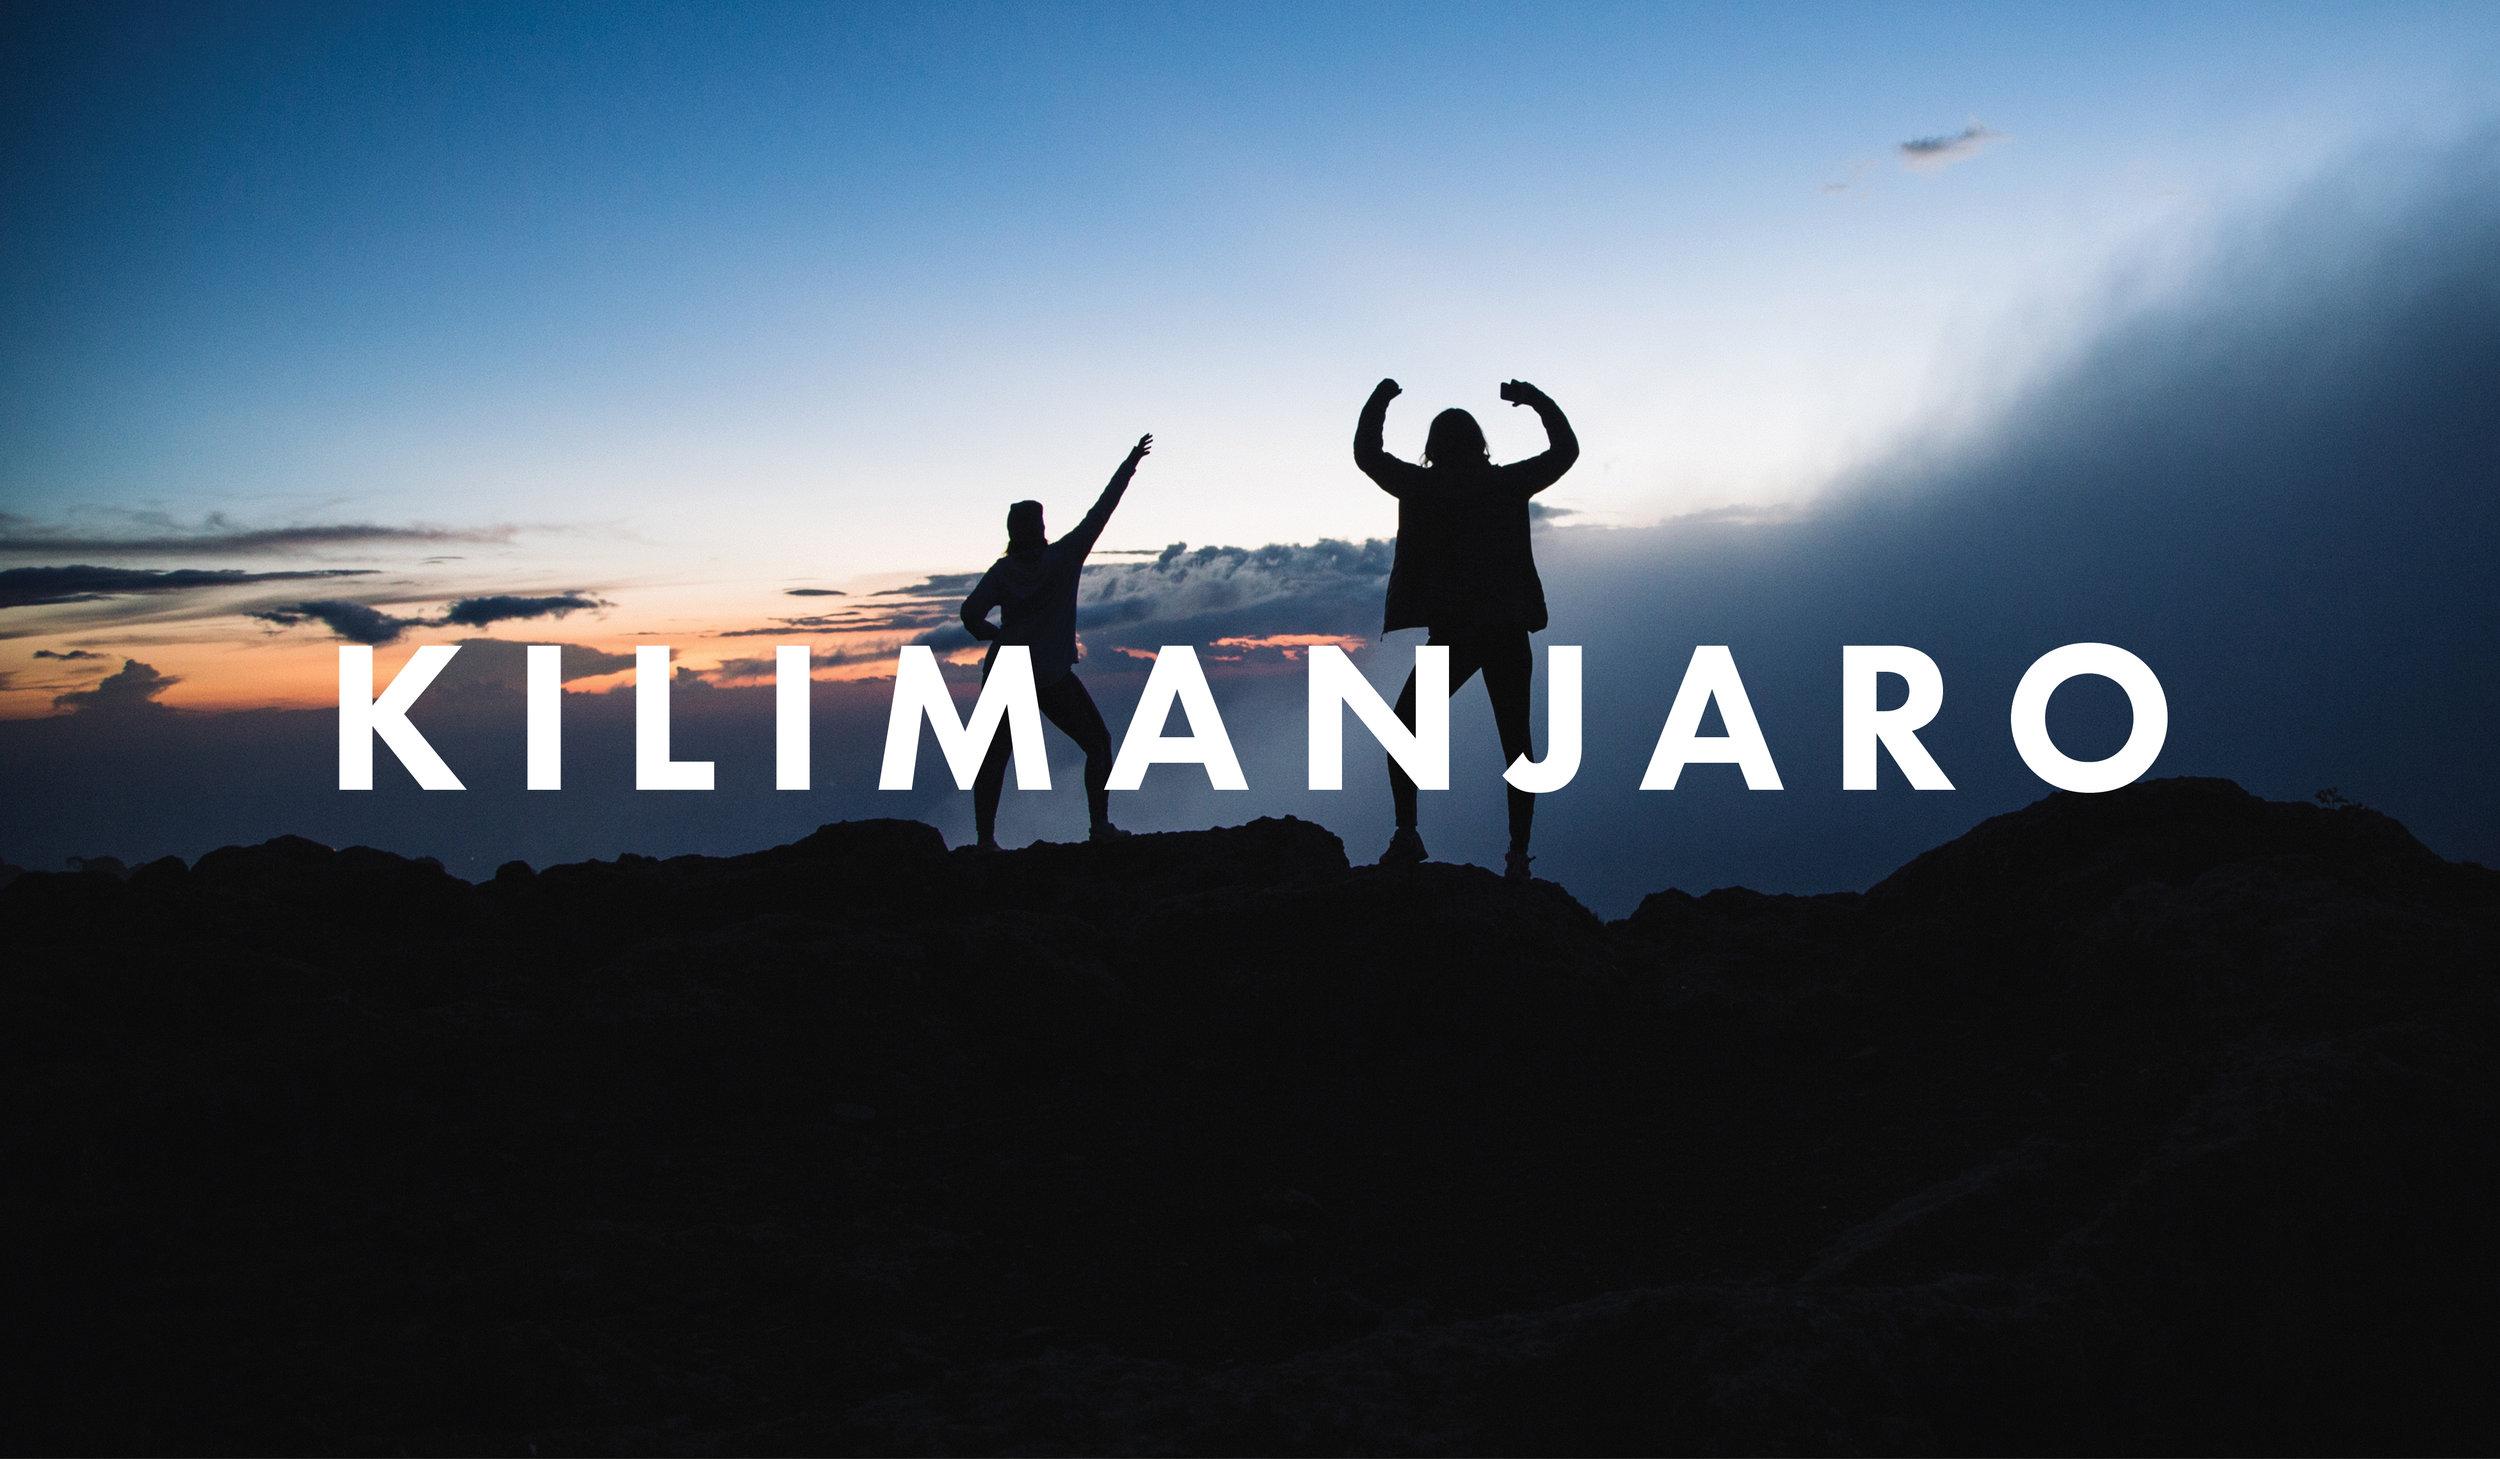 KILIMANJARO with WHOA7.jpg